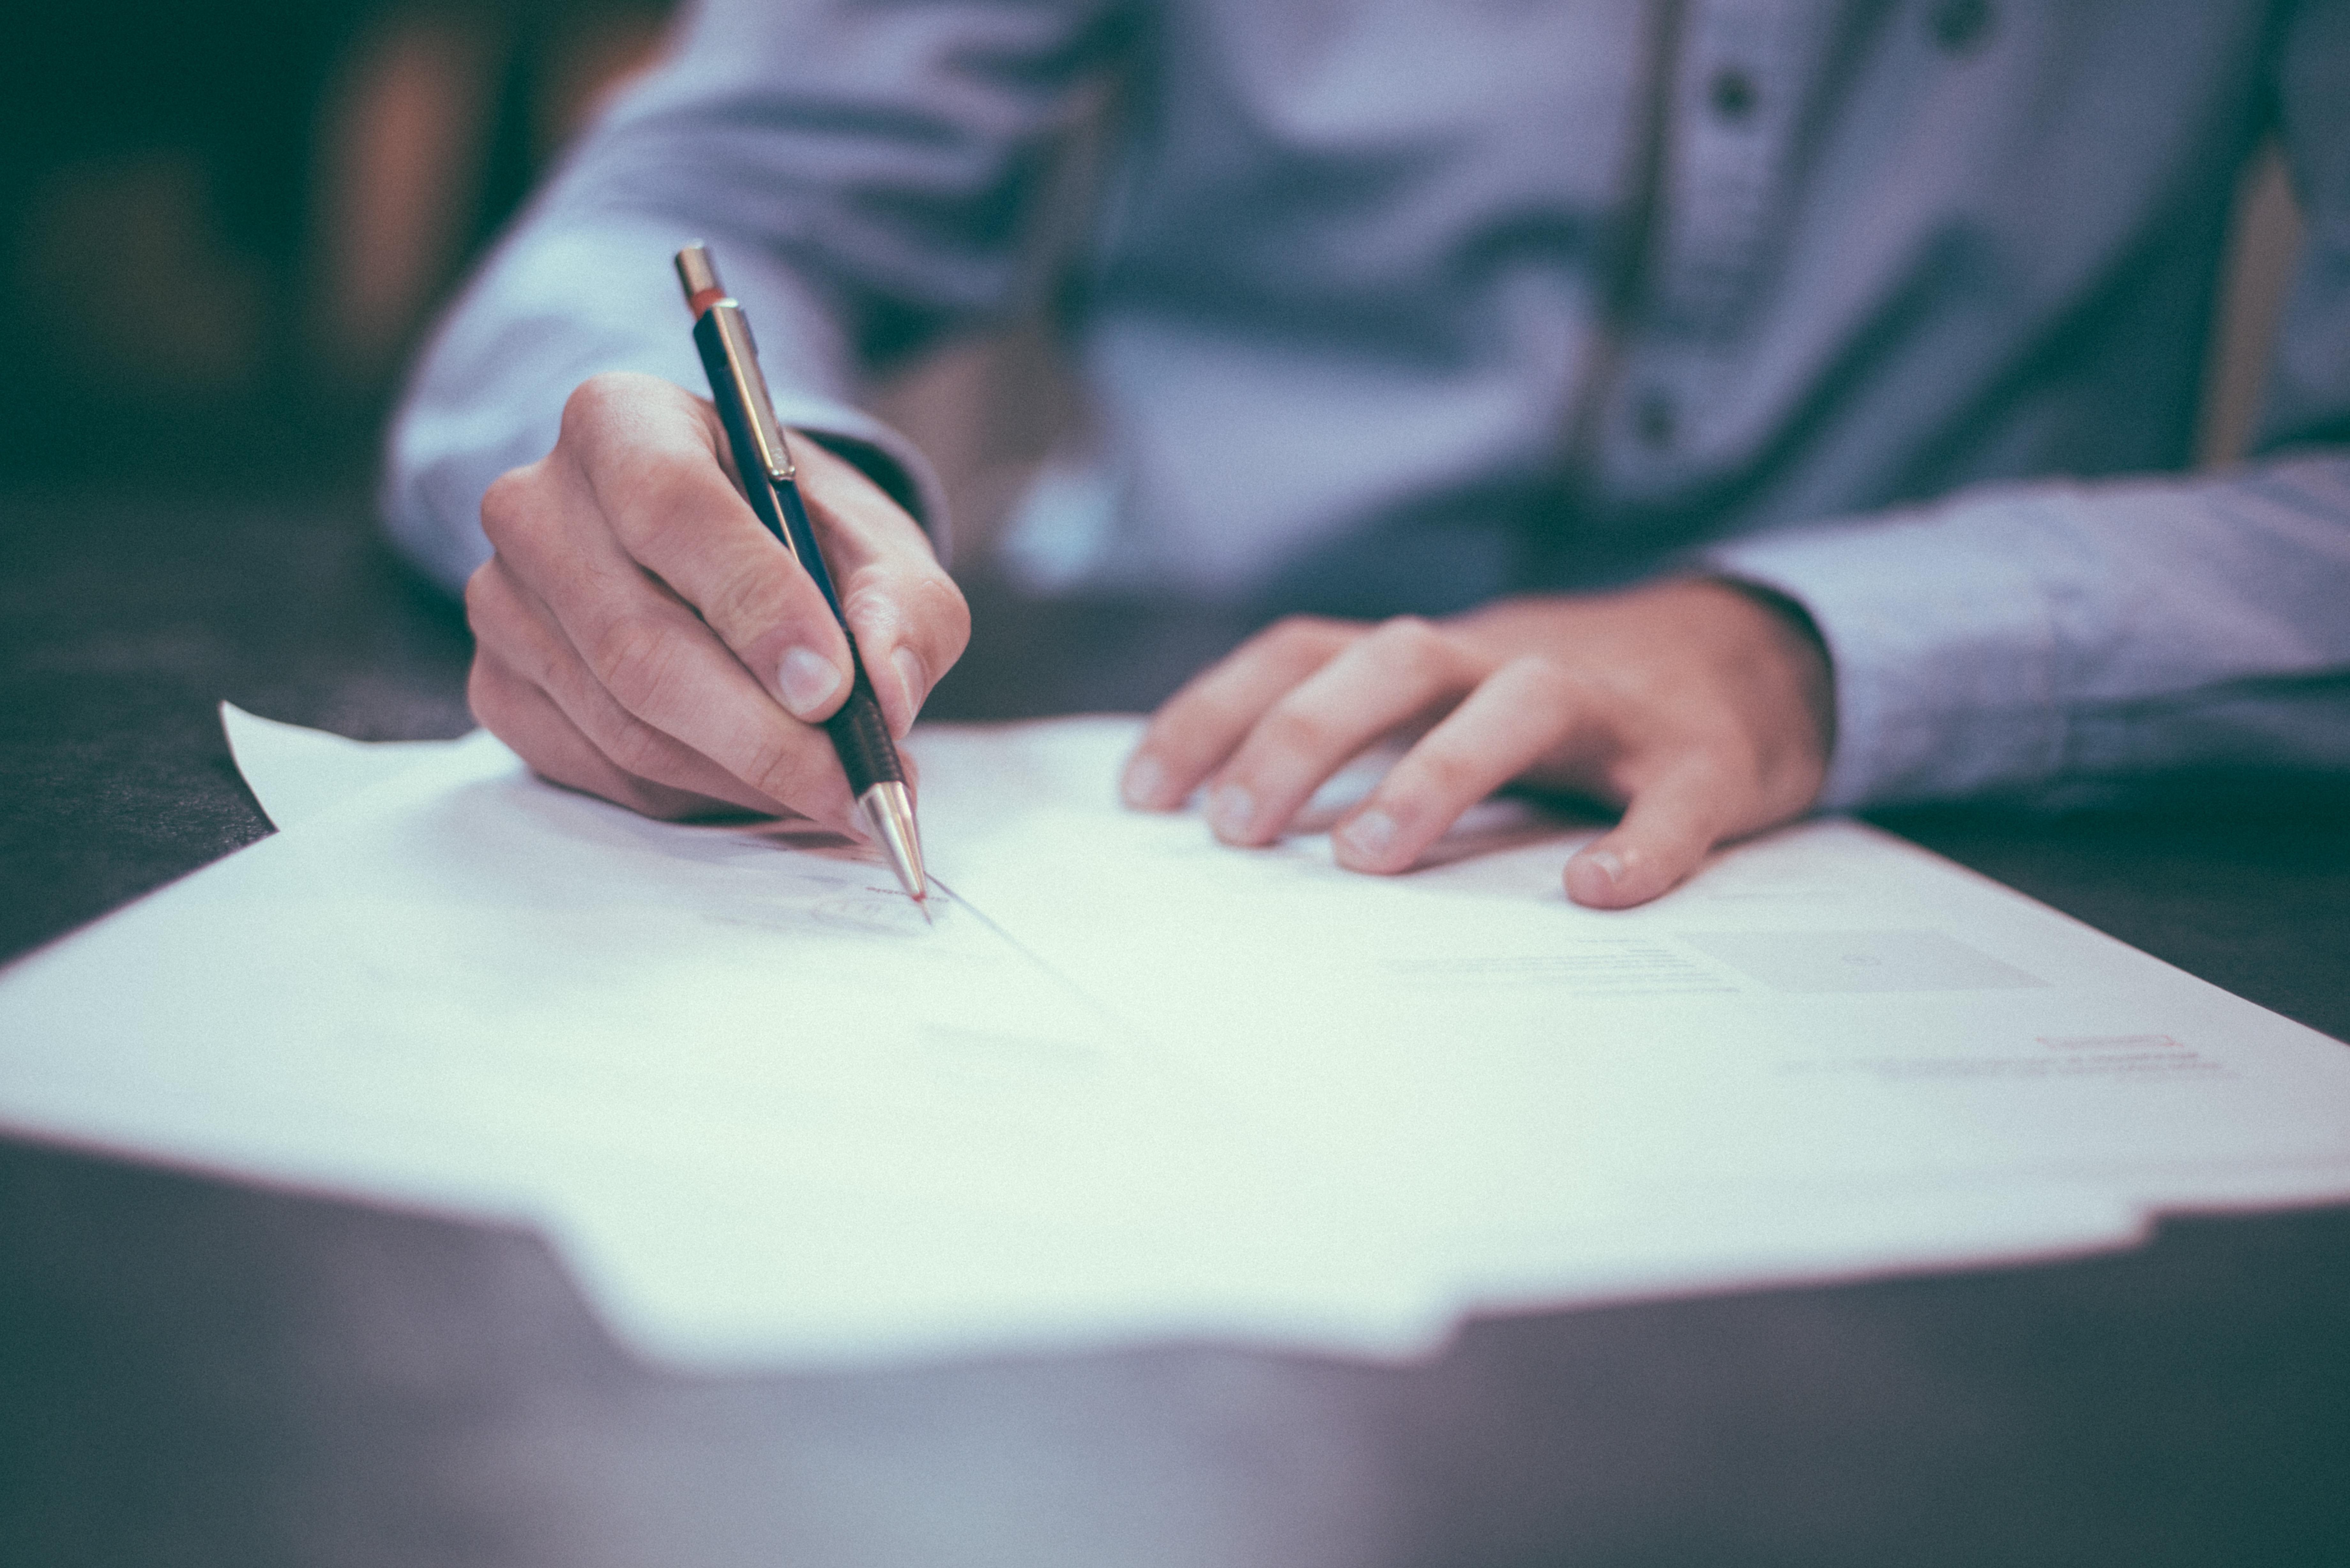 a imagem mostra uma mesa marrom com algumas folhas acima, representando contratos, e um homem vestido de camisa social azul clara assinando as imagens